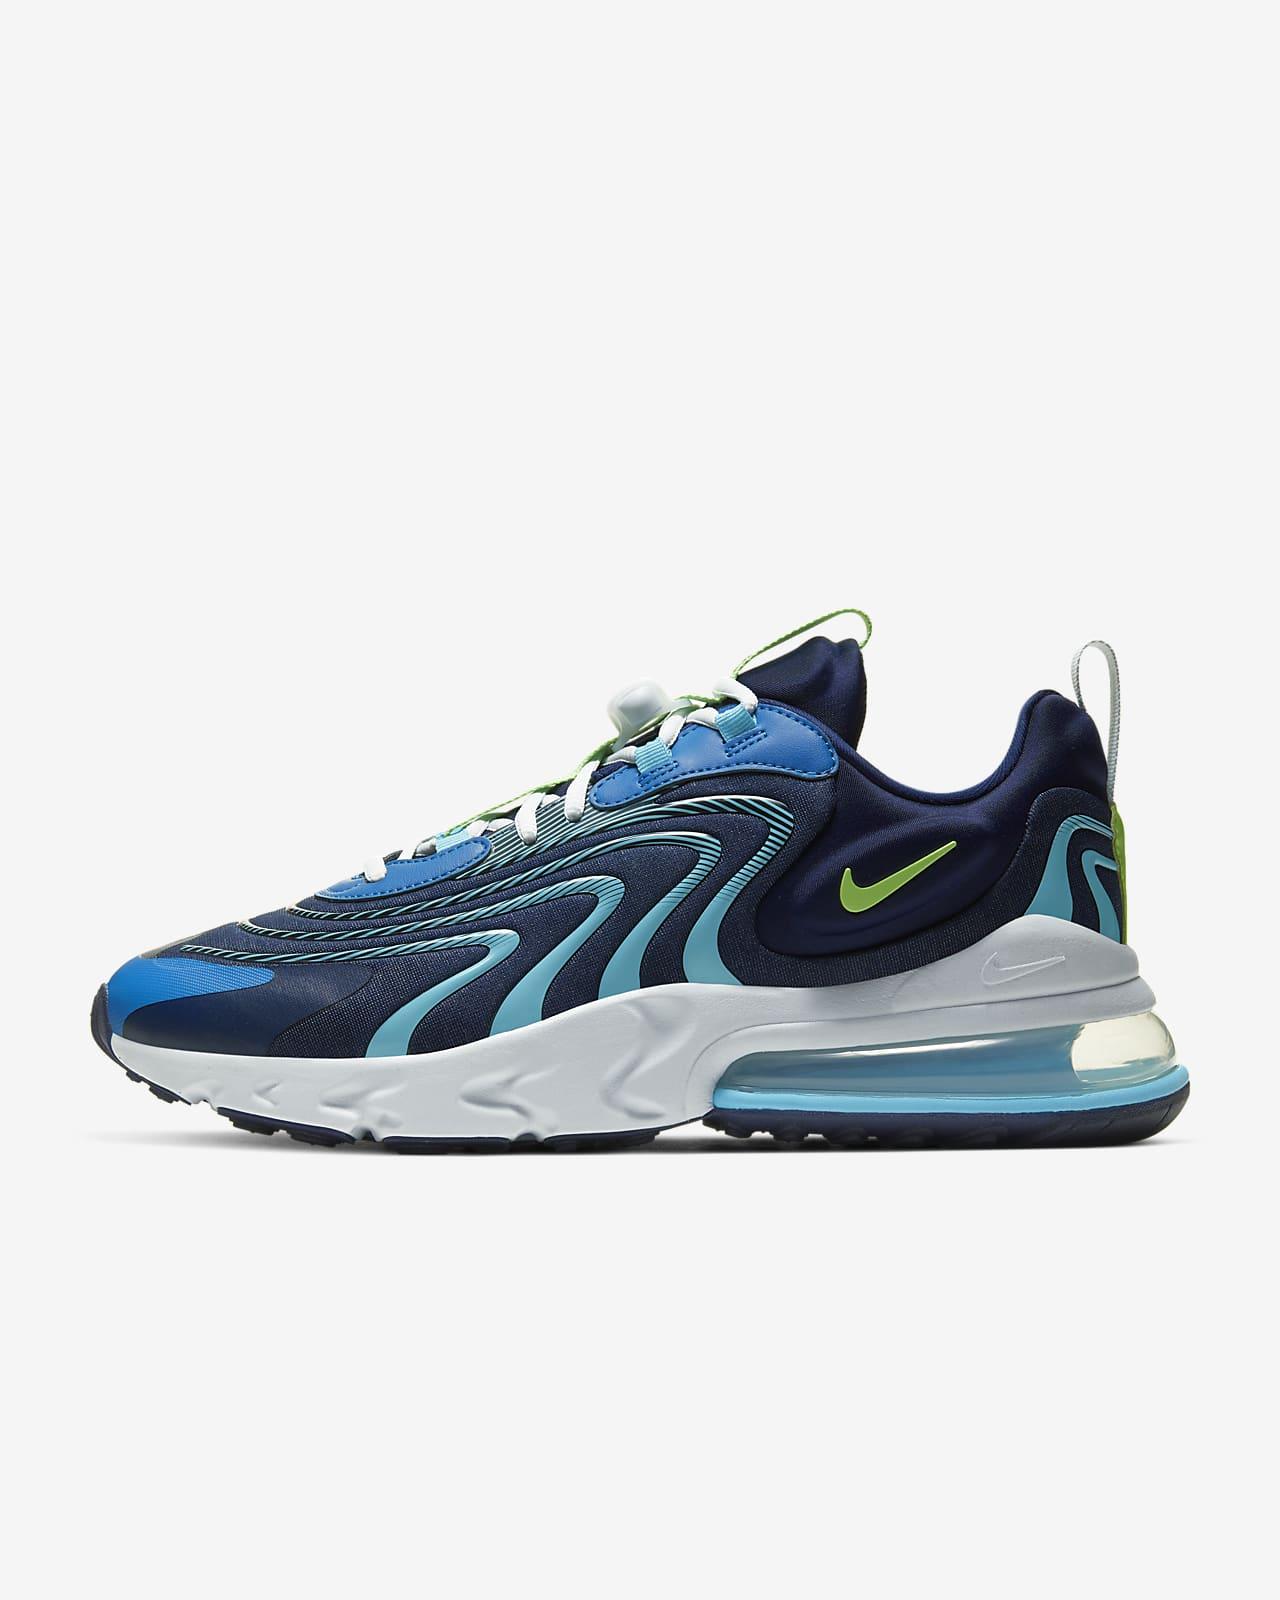 air max 270 38.5 bleu